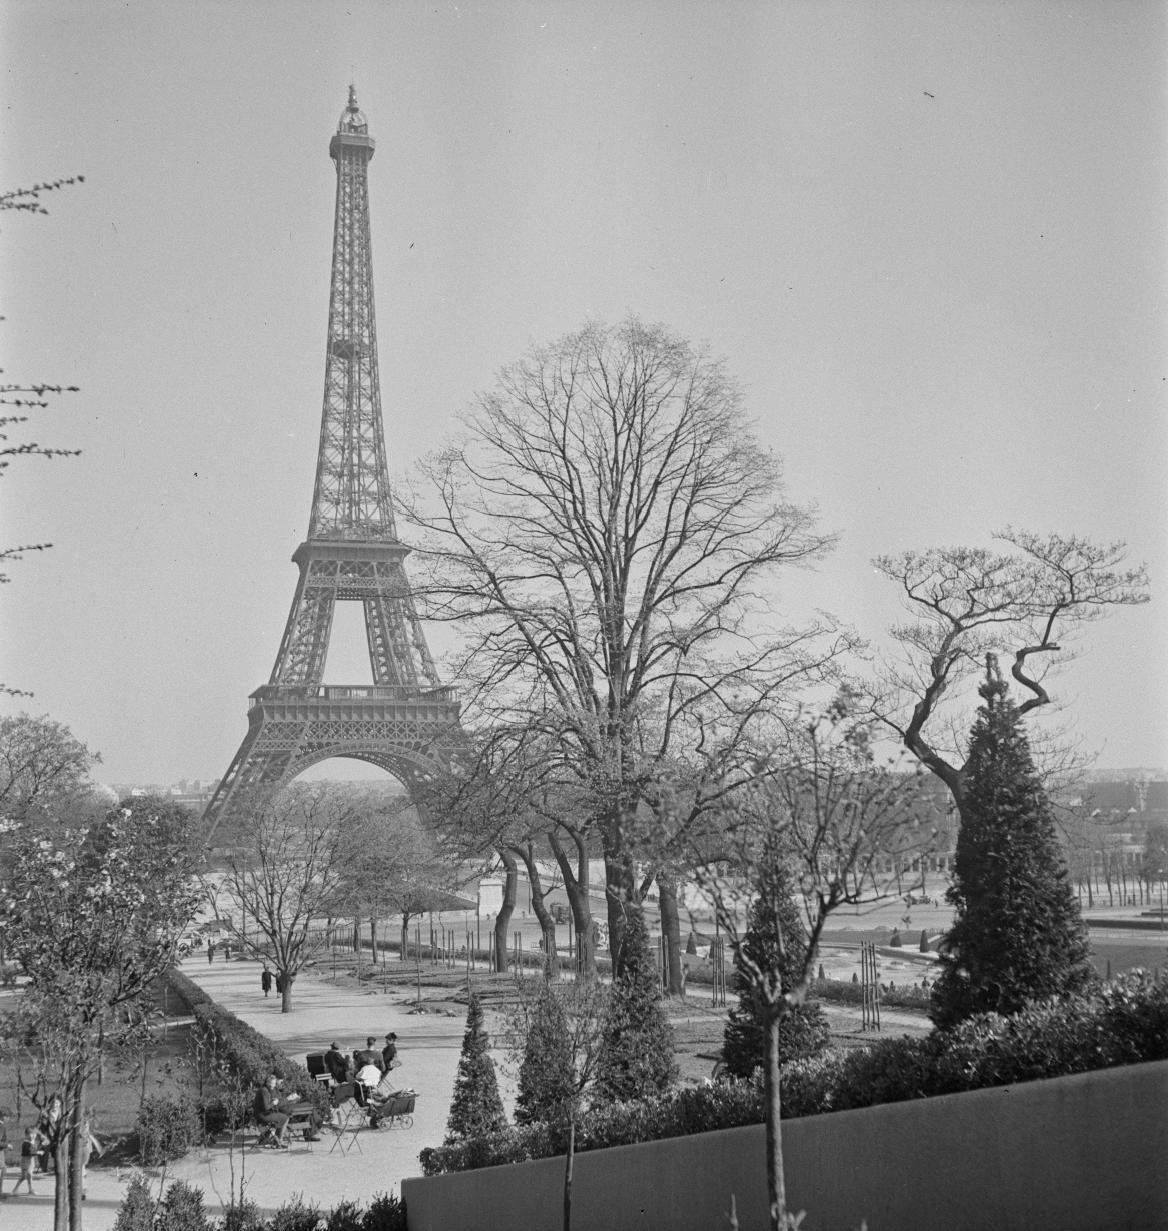 Эйфелева башня и сад Трокадеро